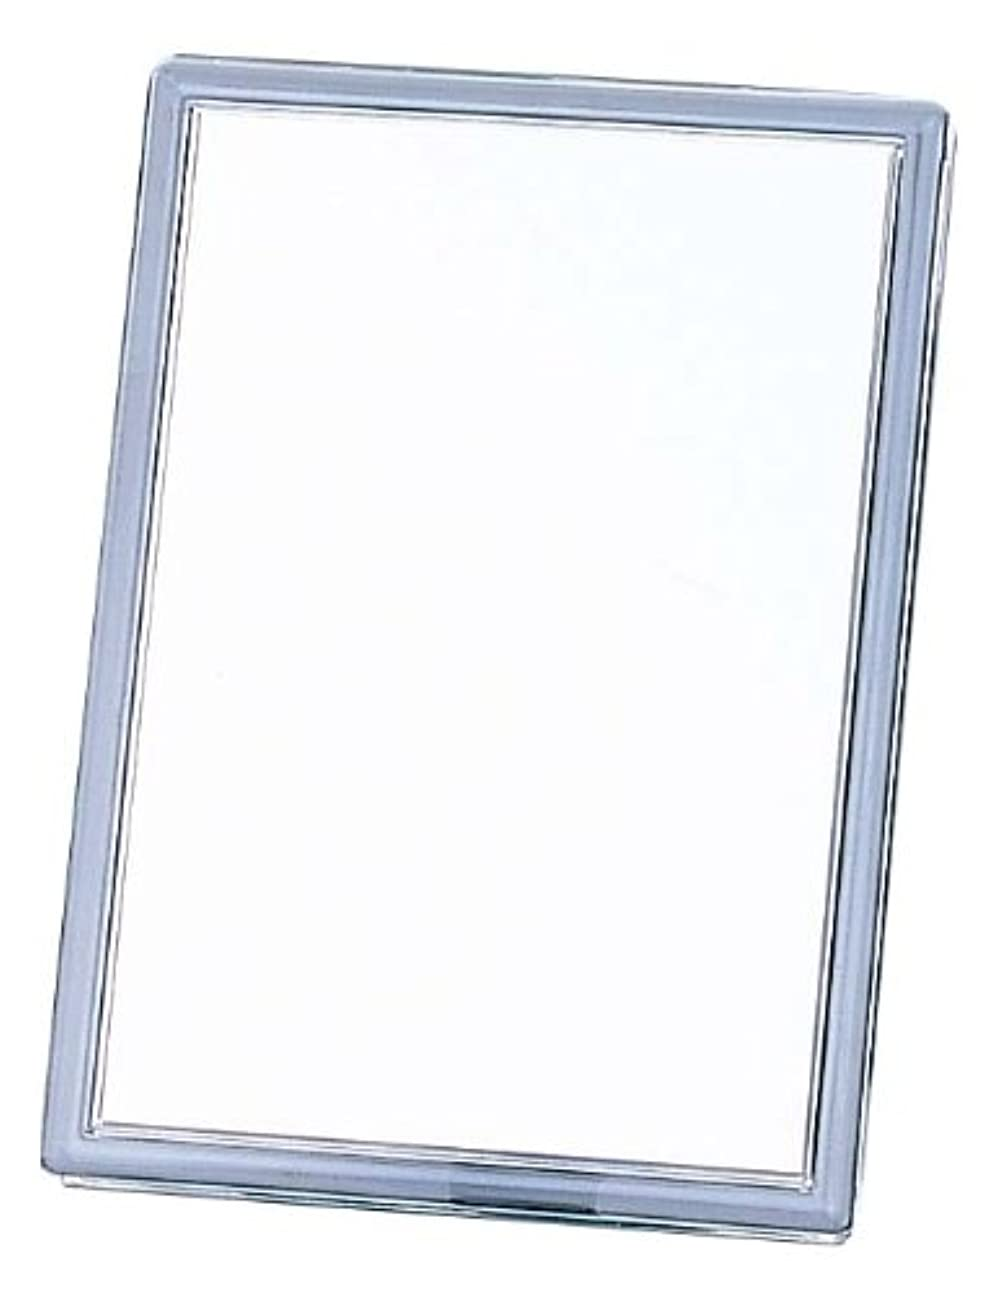 百科事典呼び起こすインフラキッス 角型 スタンドミラー L KS-1200